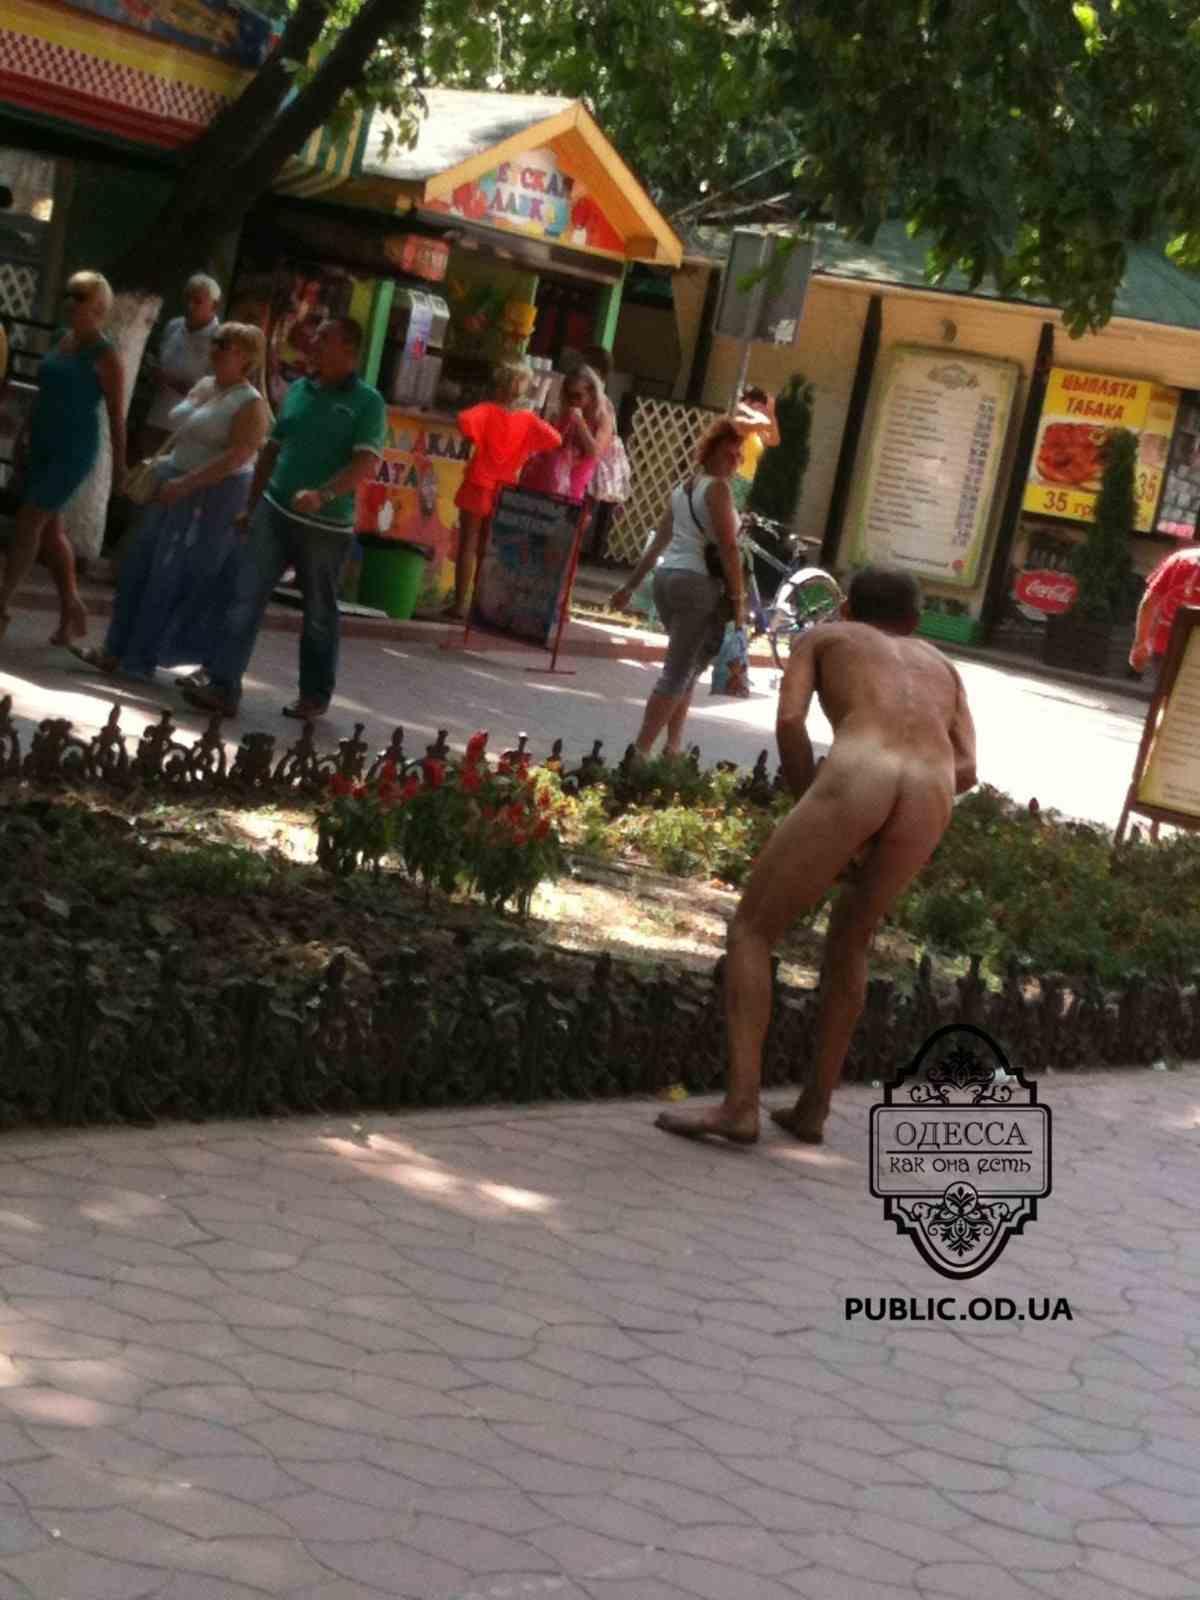 На ж / д вокзалі в Одесі двоє голих хлопців шукали подруг